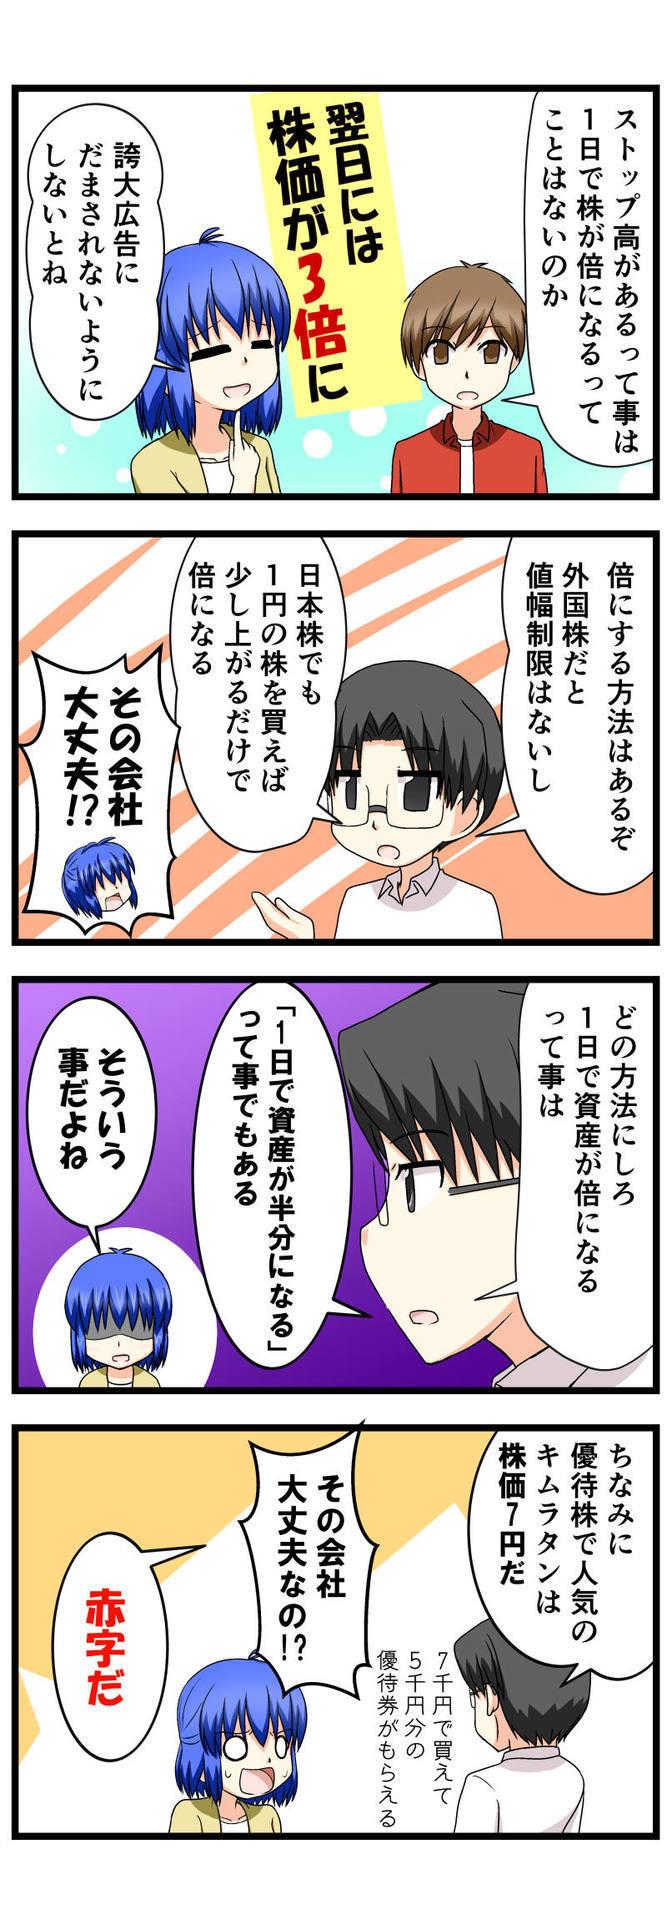 萌える株セミナー30.jpg